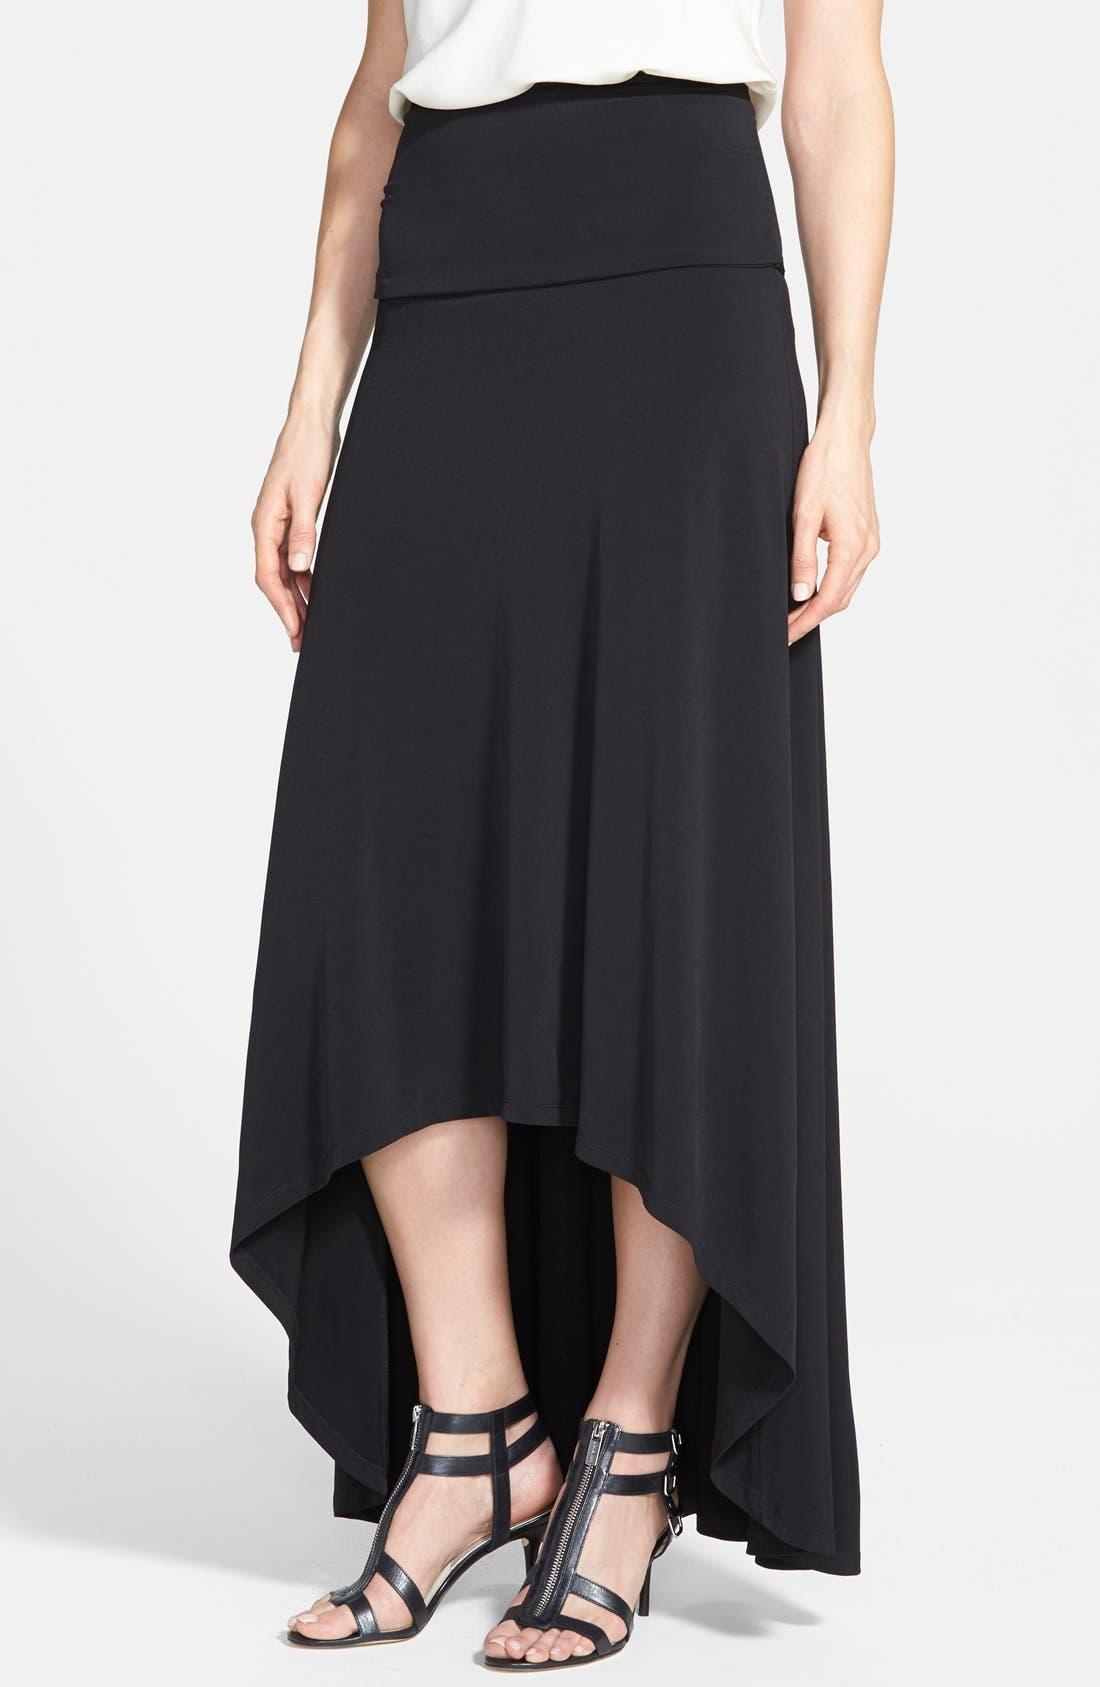 Alternate Image 1 Selected - MICHAEL Michael Kors High/Low Maxi Skirt (Regular & Petite)